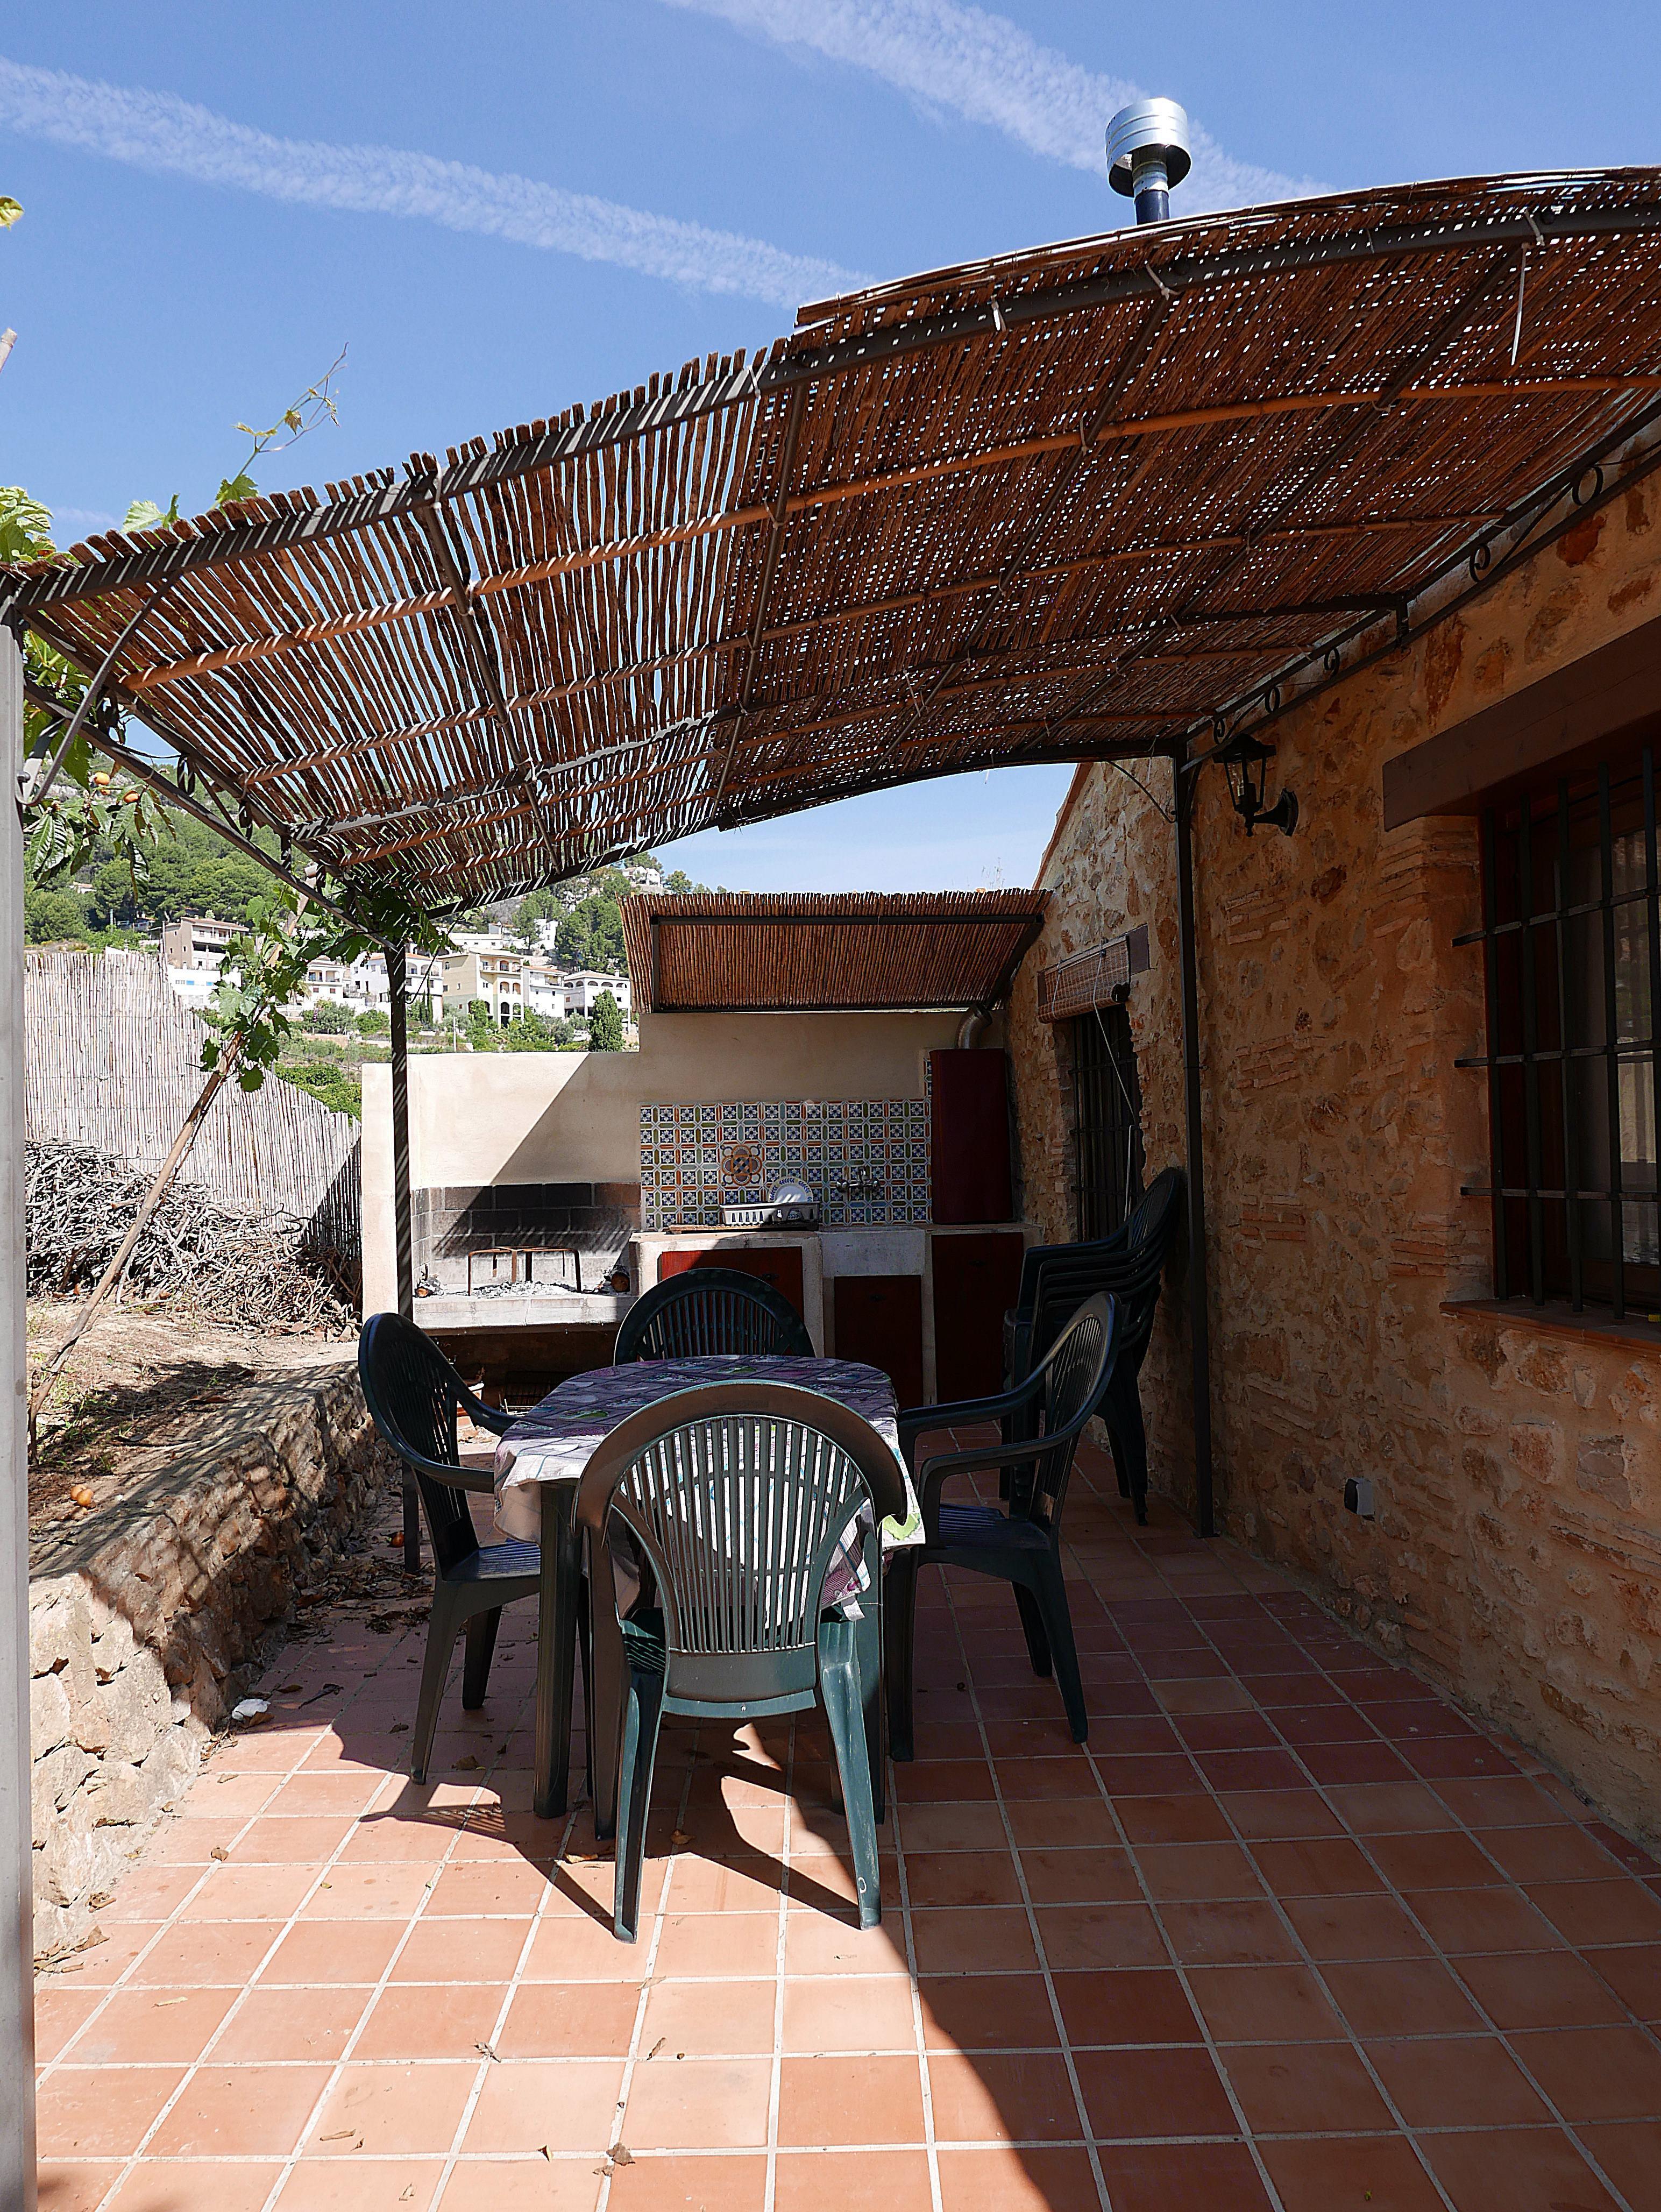 Fotos de el riurau de secundina valencia ador clubrural - Ofertas casas rurales valencia ...